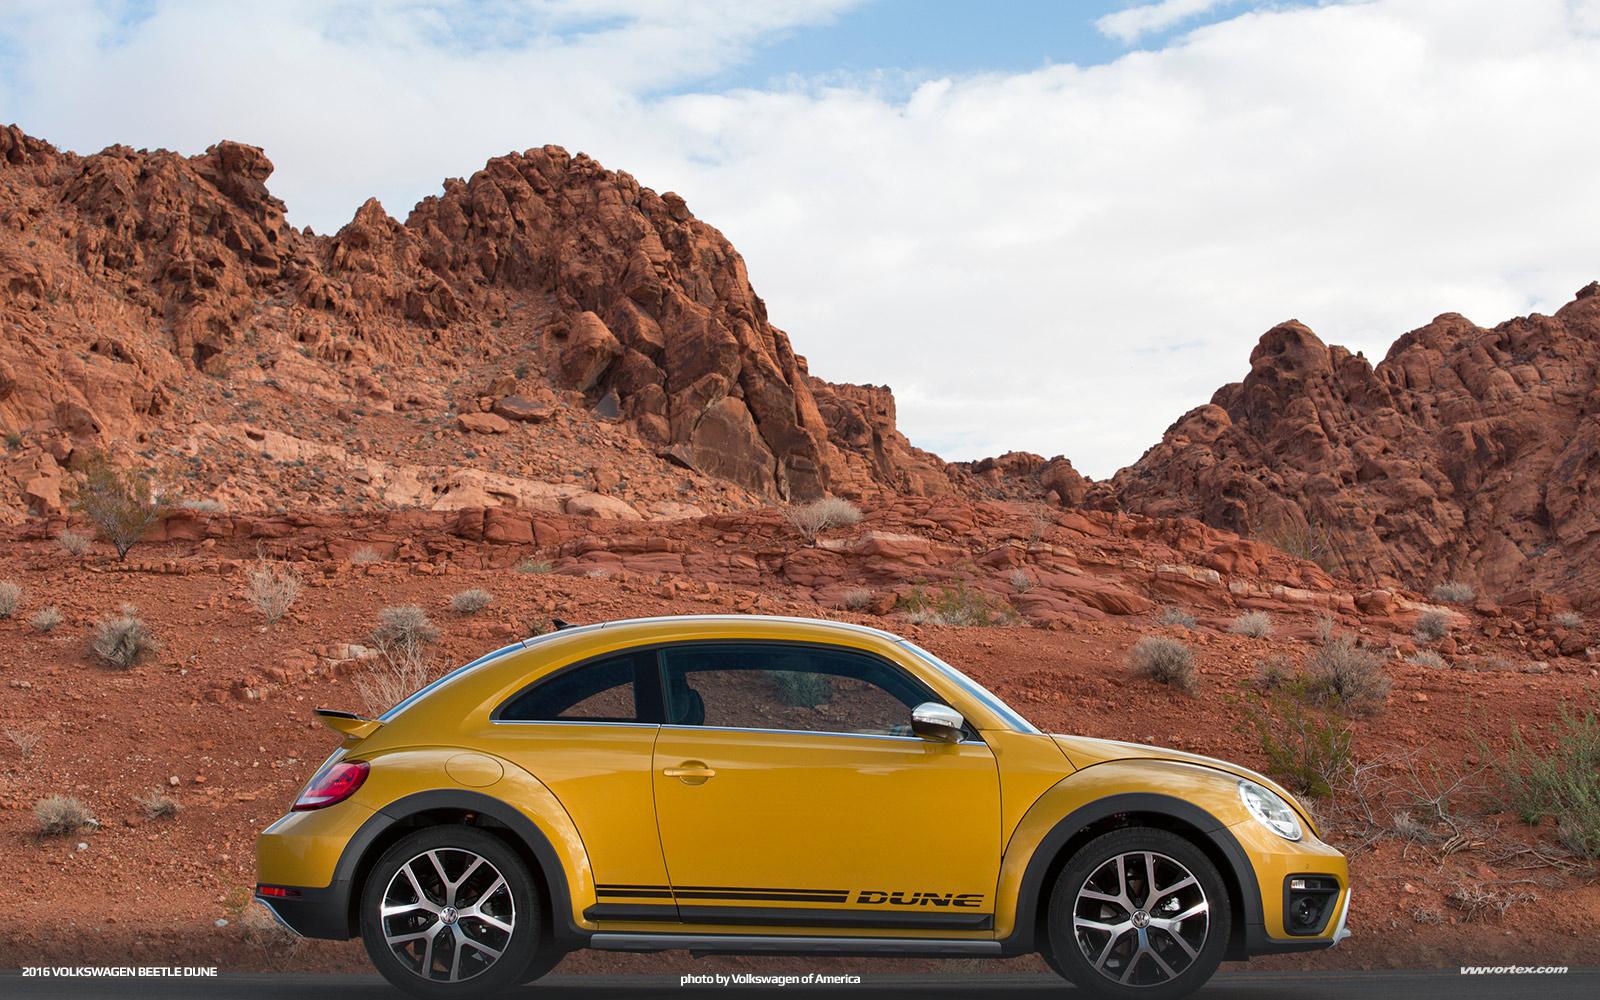 Driven: 2011 Audi R8 e-tron Prototype